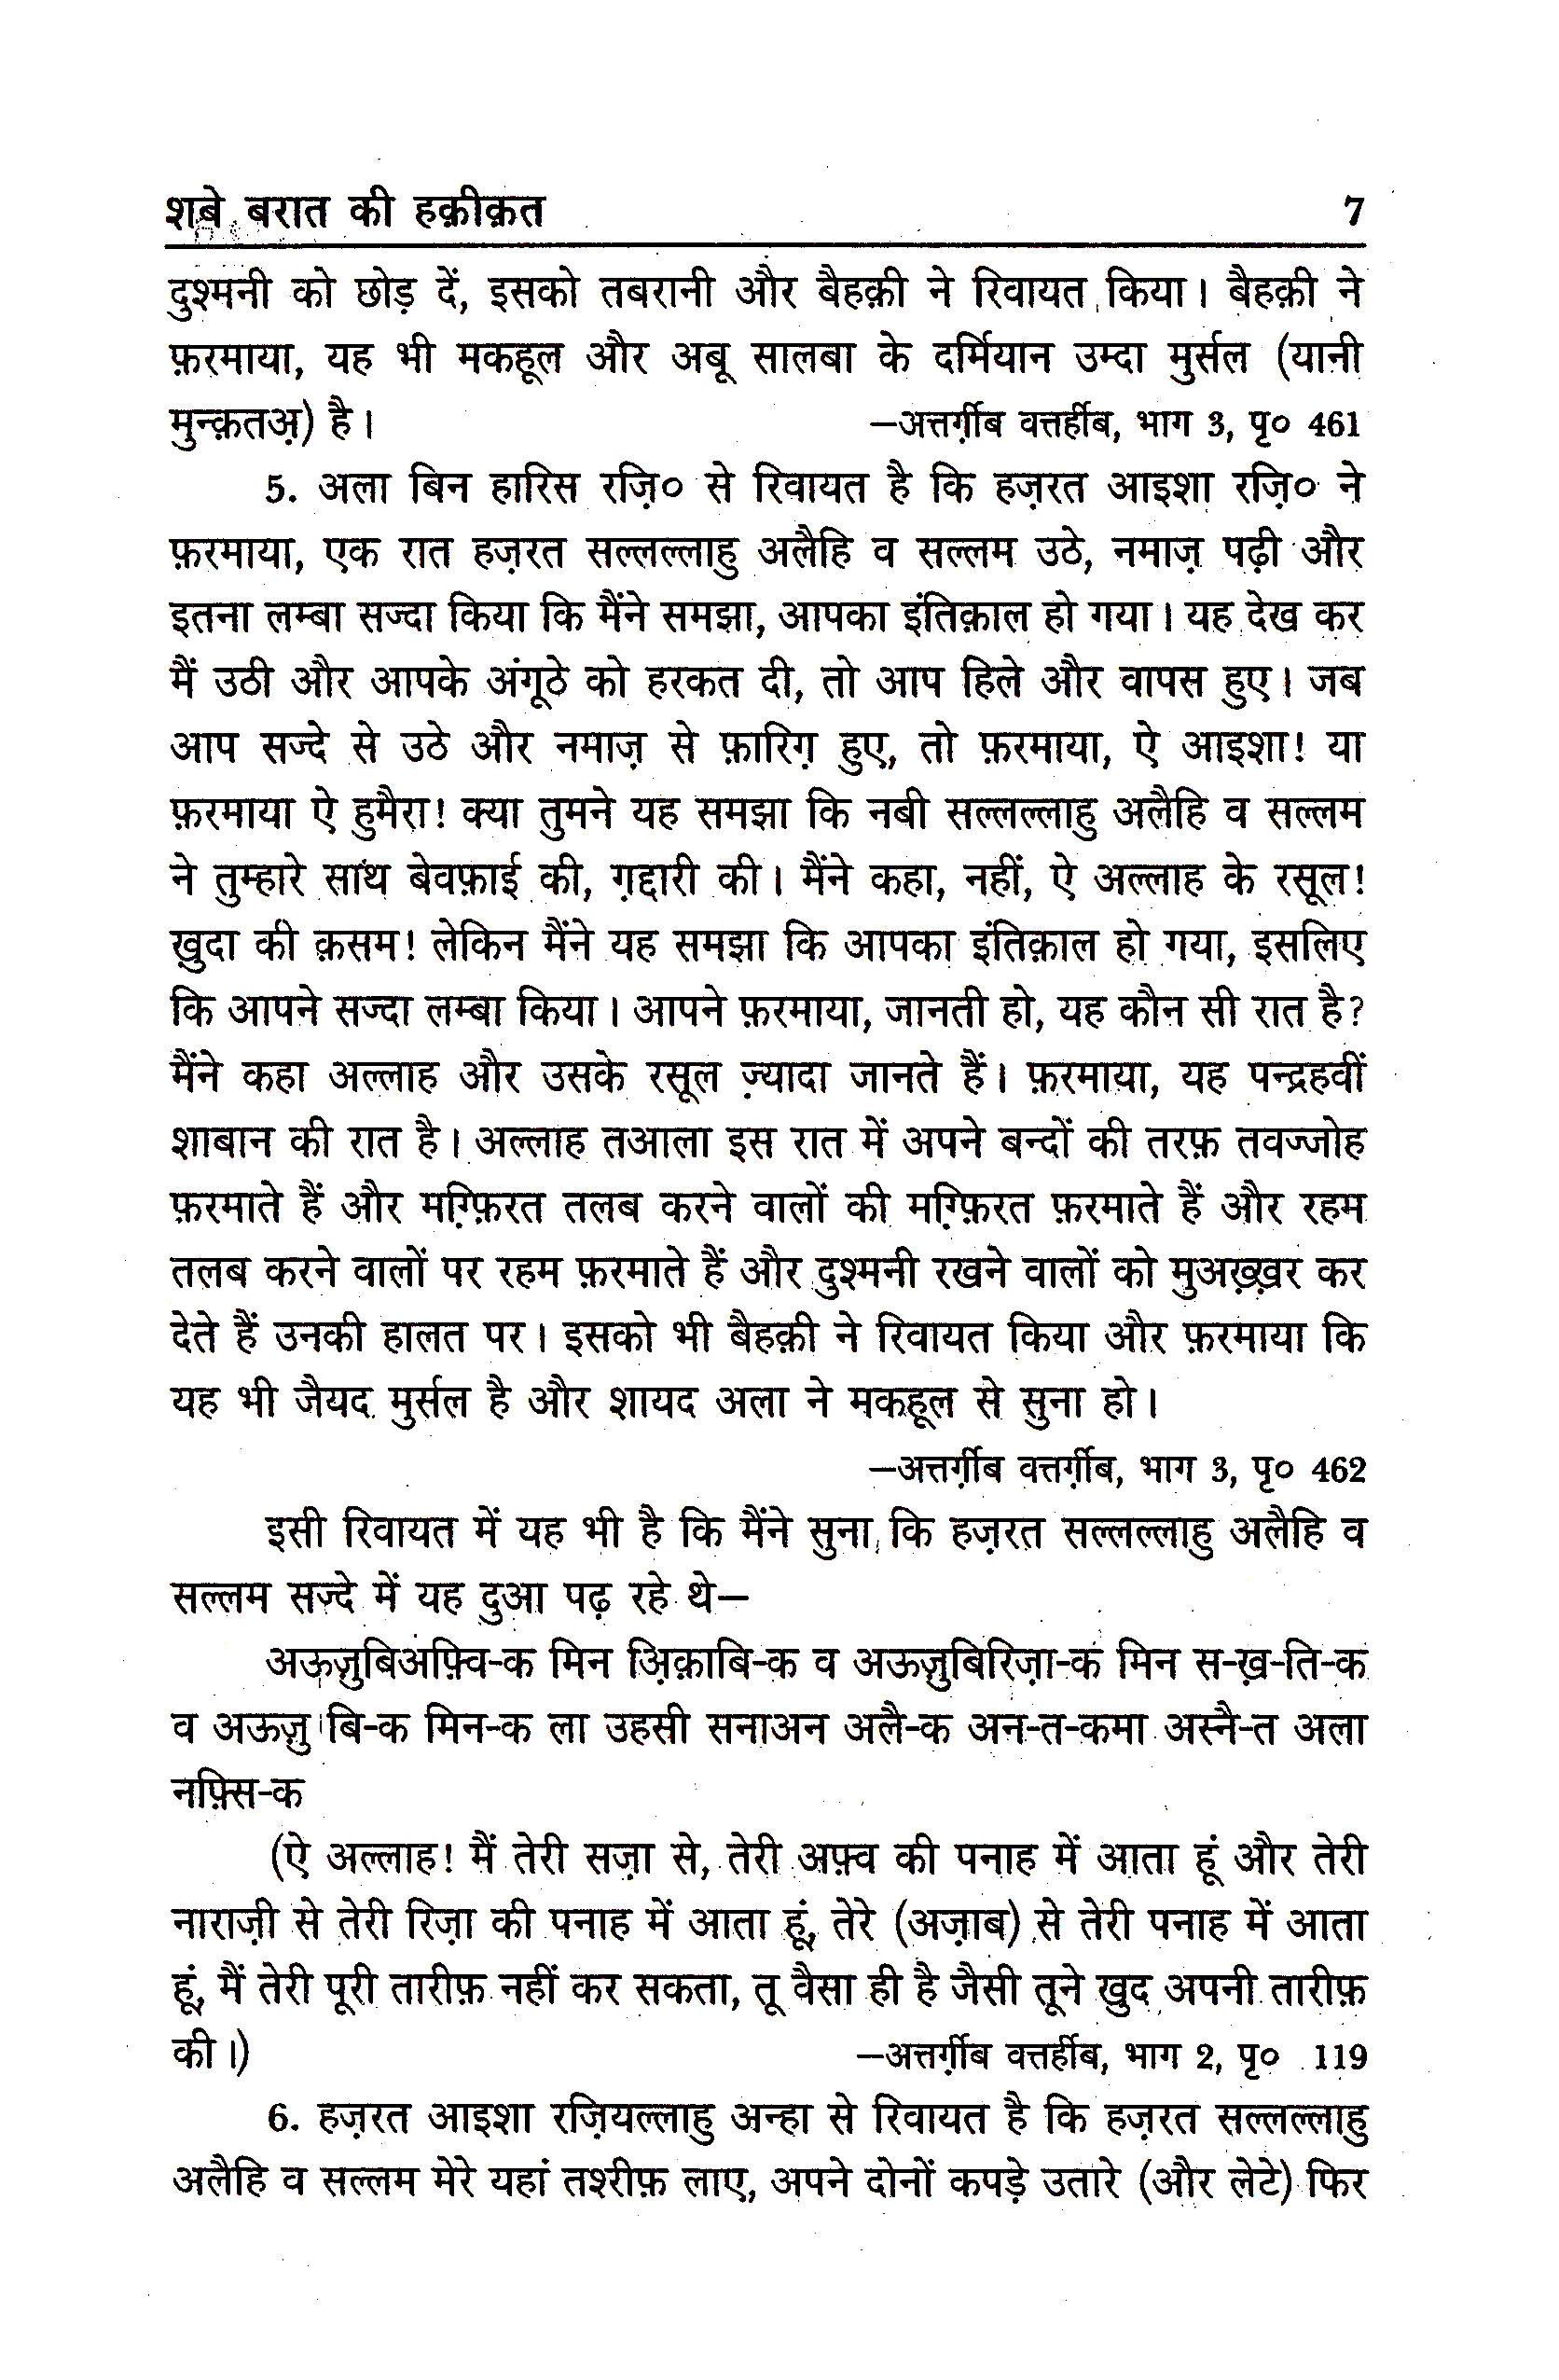 Shabe_Barat_ki_Haqiqat_Hindi_2